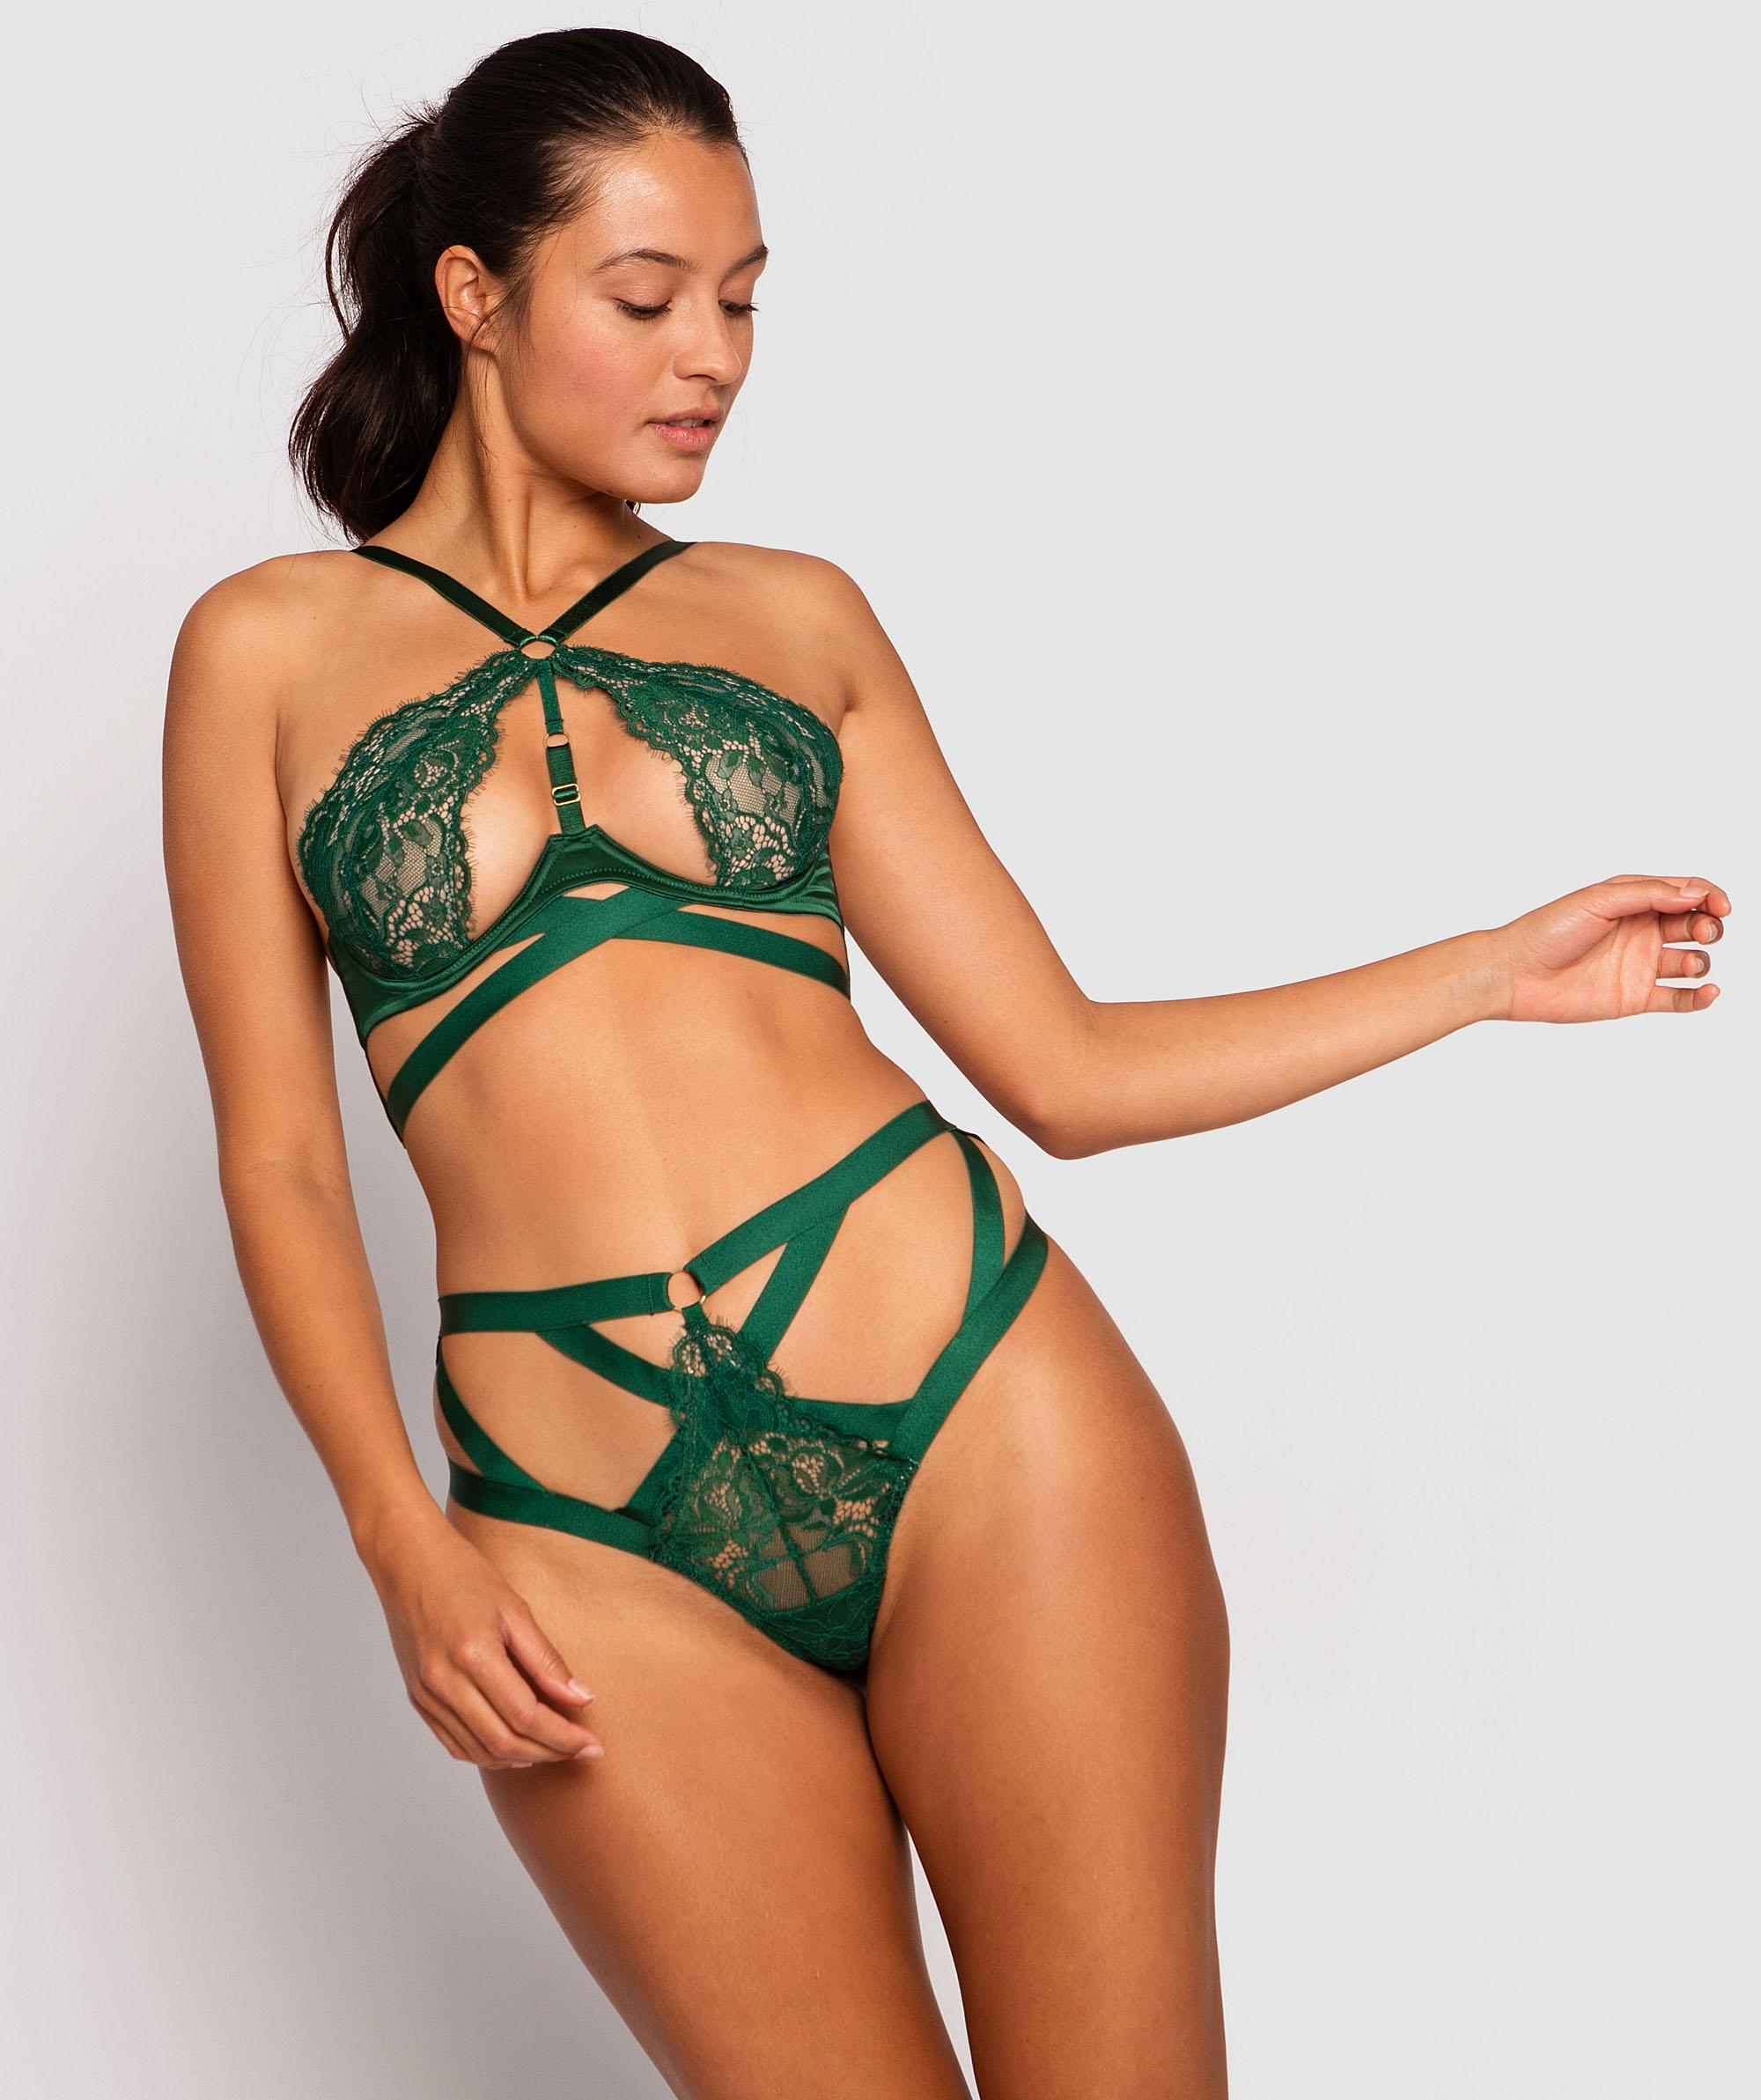 Shiloh High Waisted Brazilian Knicker - Dark Green